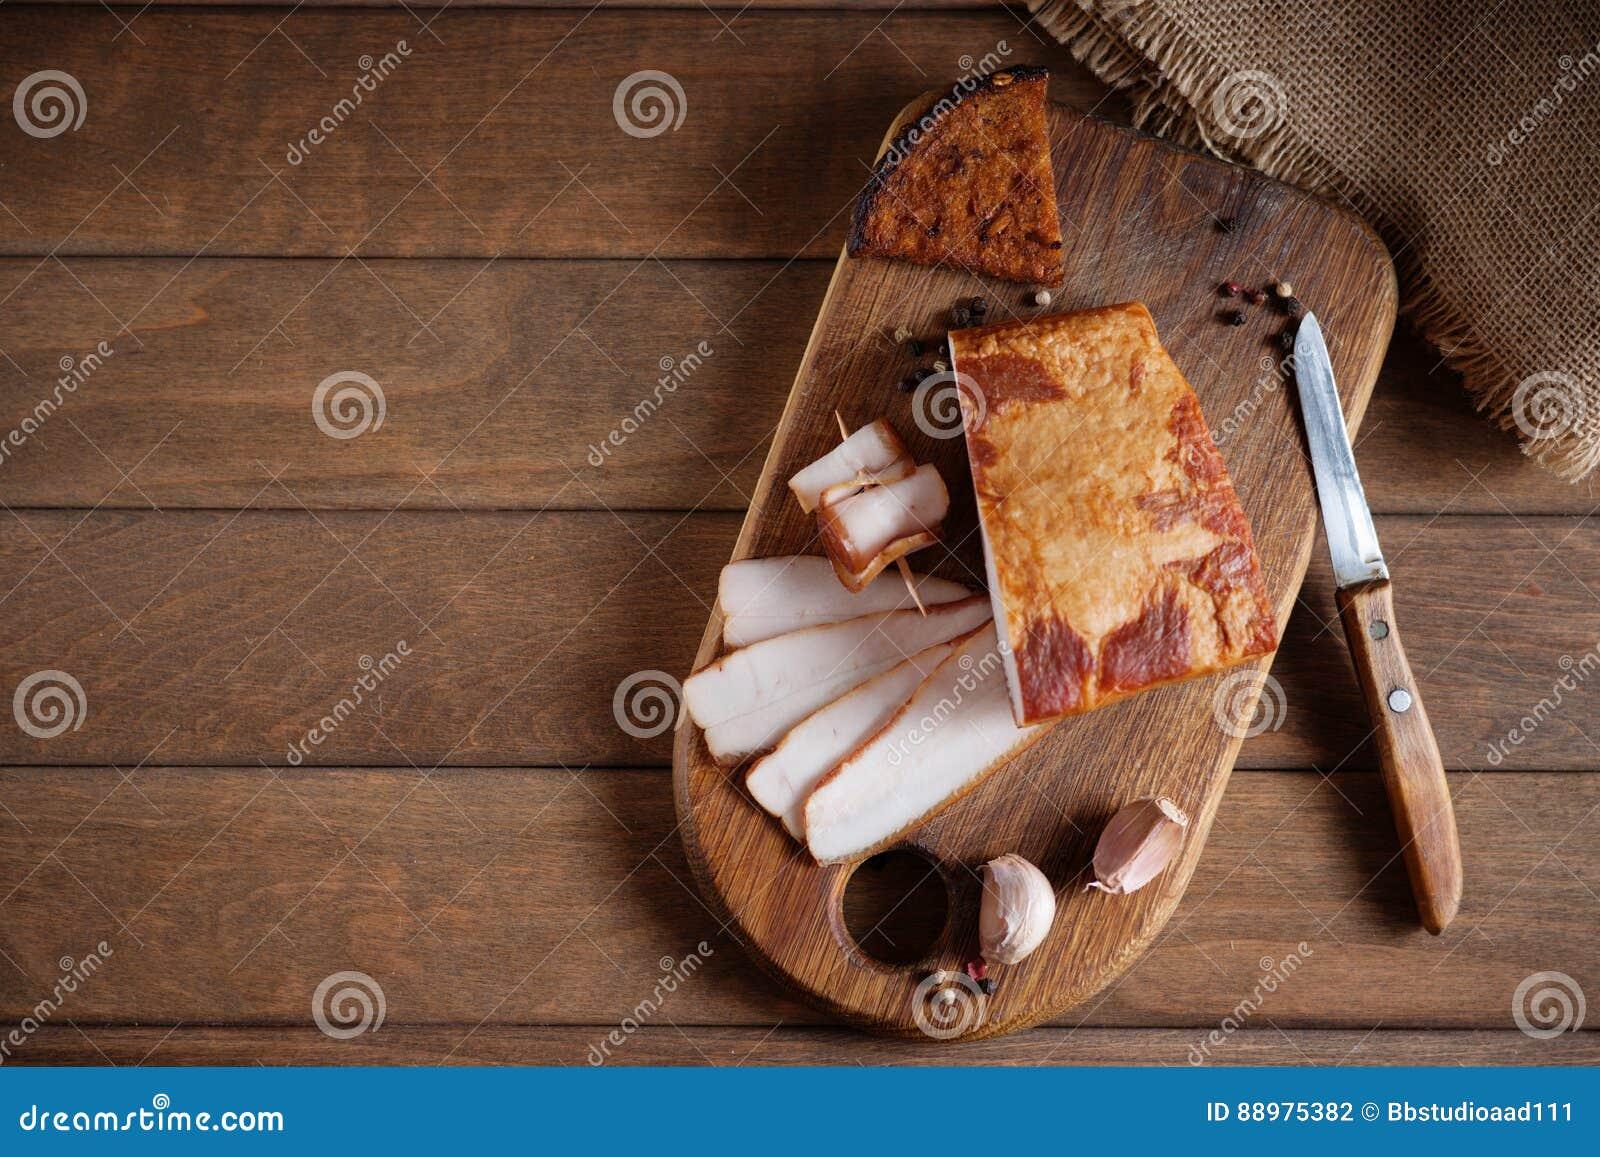 Bacon fumado, faca e pão cortado